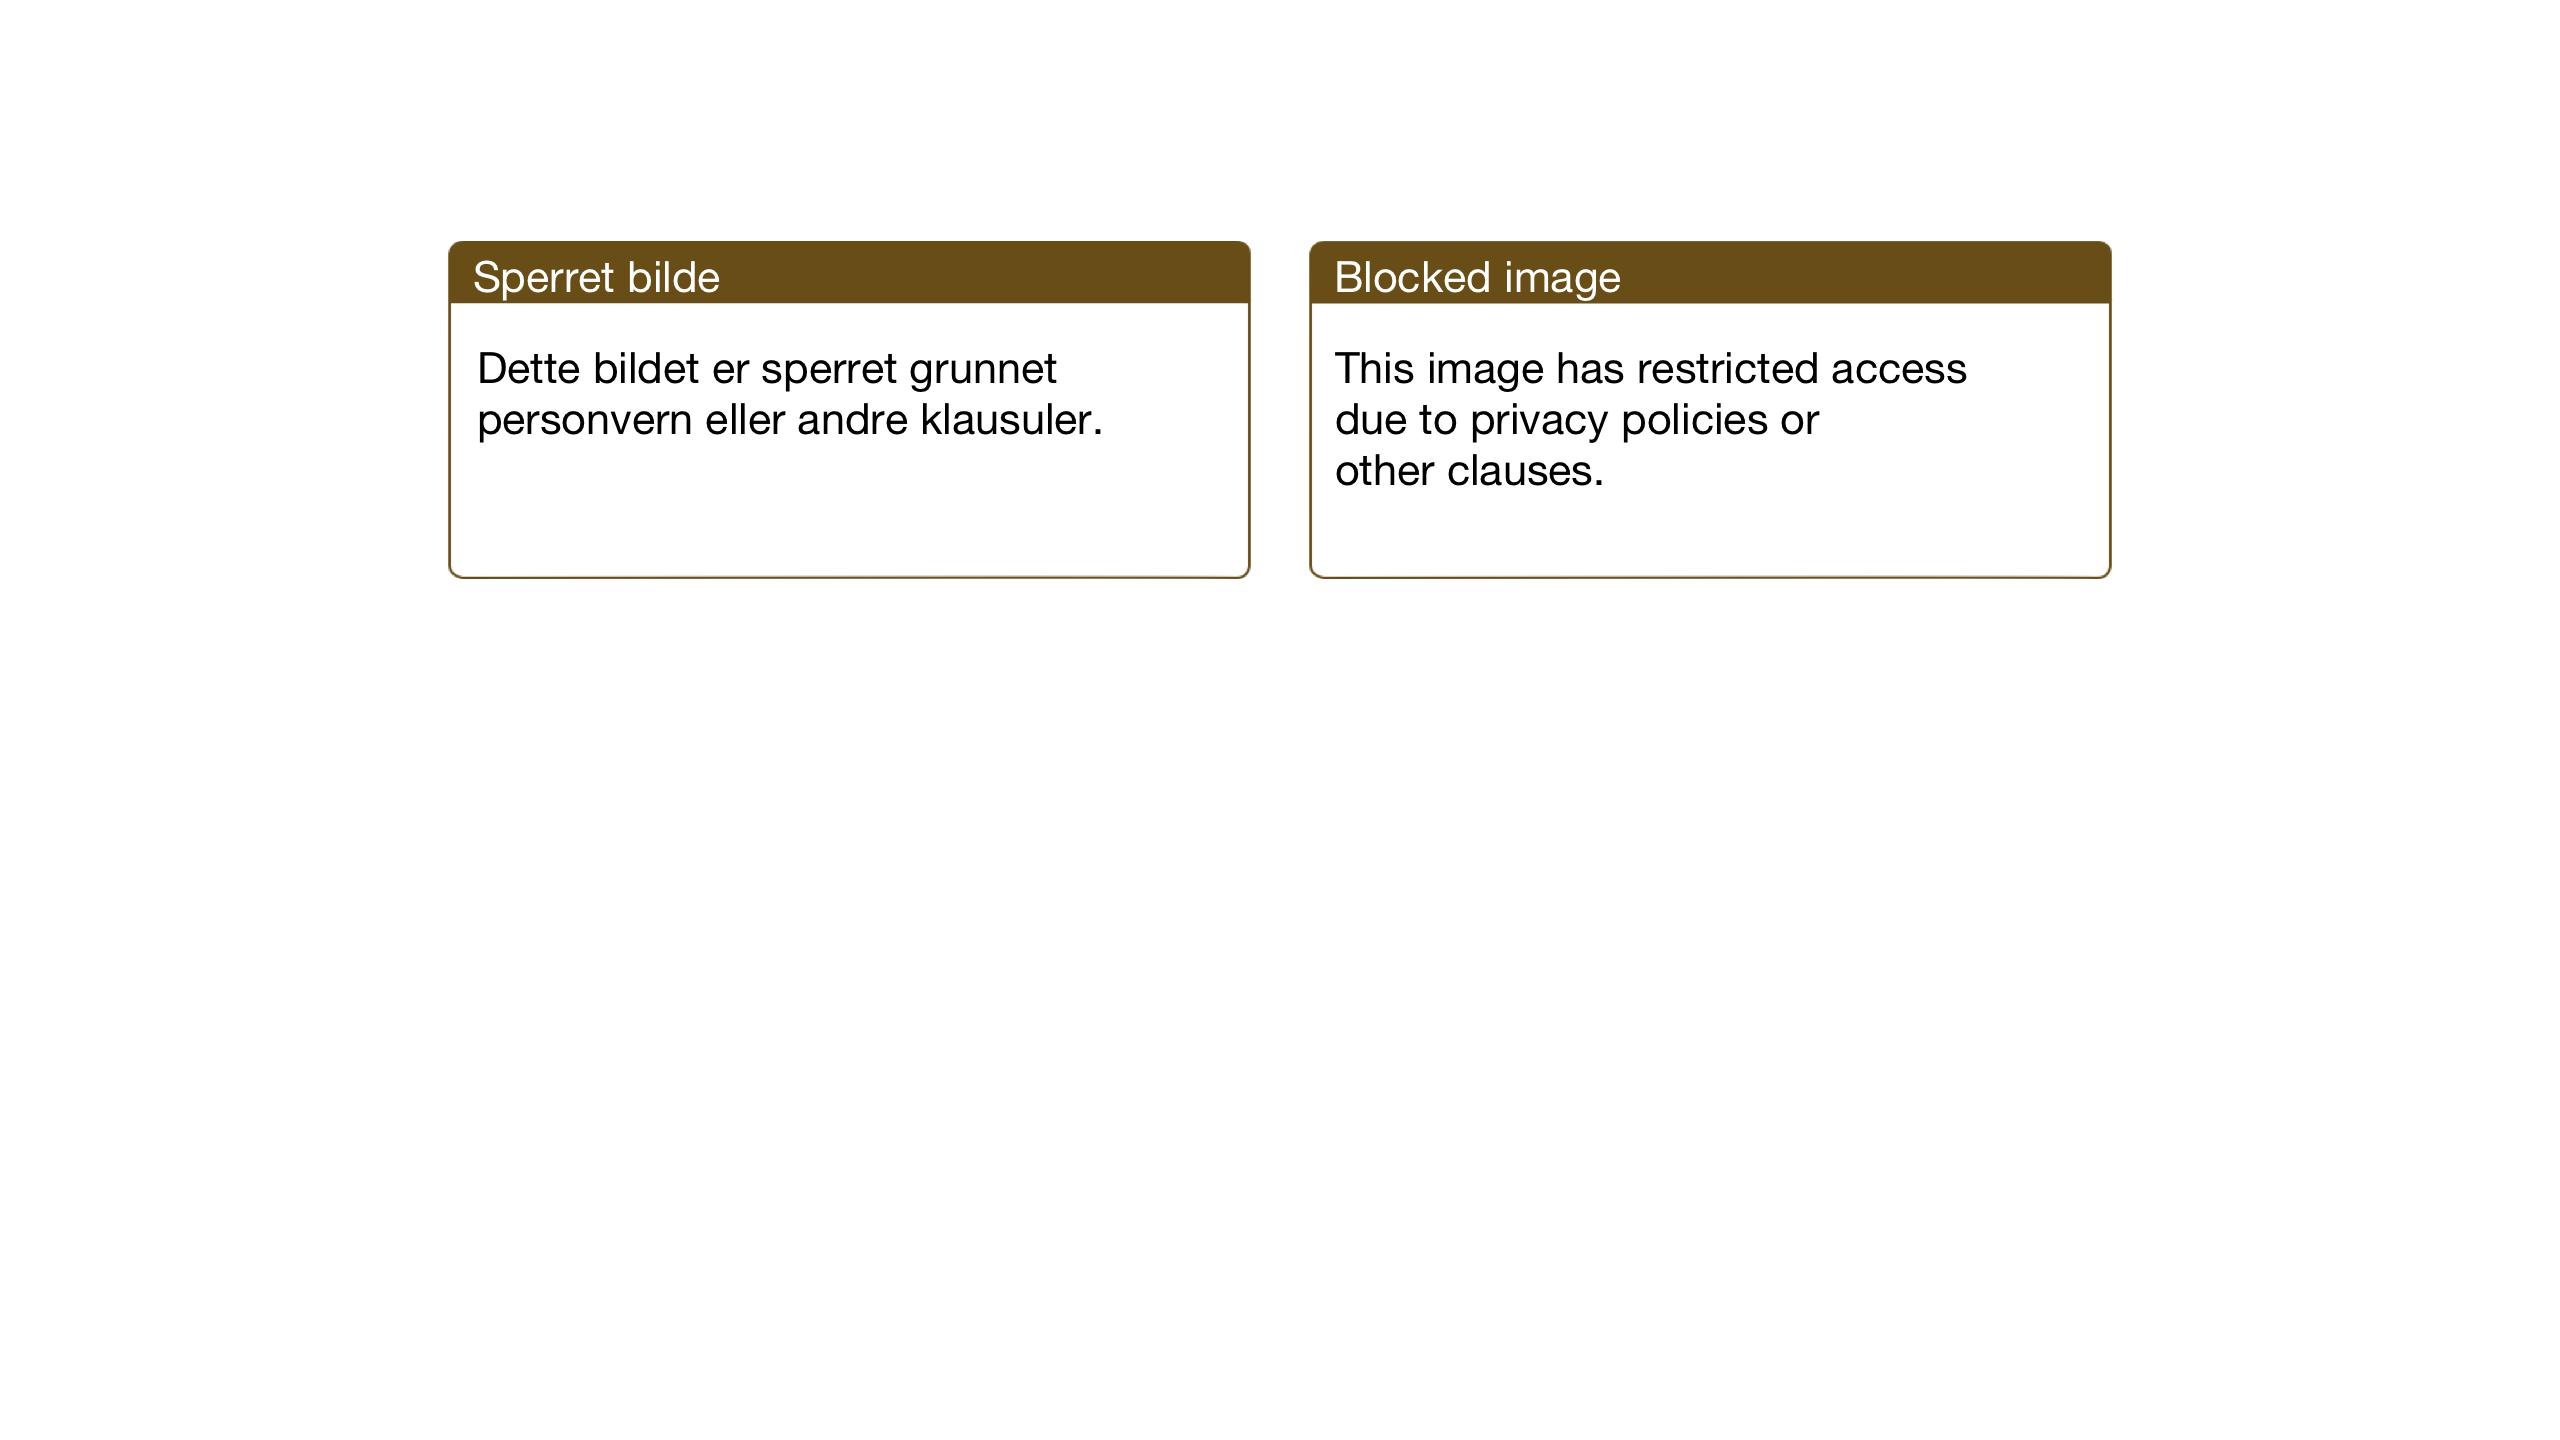 SAT, Ministerialprotokoller, klokkerbøker og fødselsregistre - Nord-Trøndelag, 774/L0631: Klokkerbok nr. 774C02, 1934-1950, s. 131